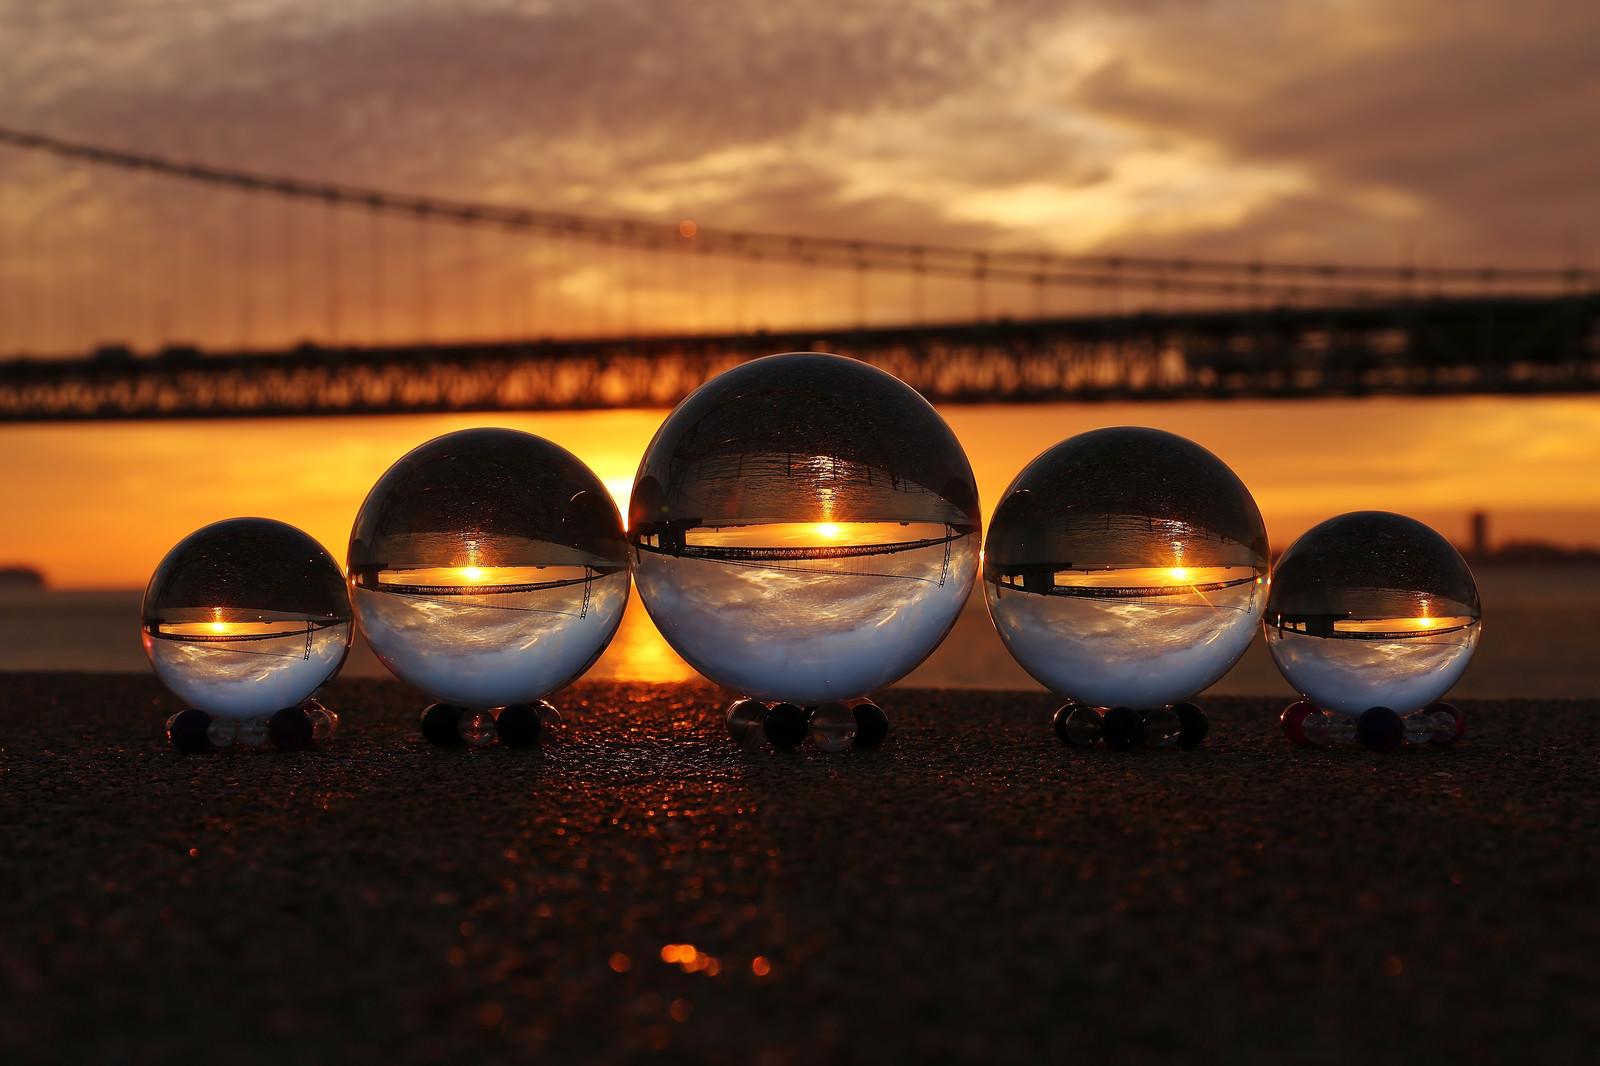 「ガラス玉に反射する橋ガラス玉に反射する橋」のフリー写真素材を拡大